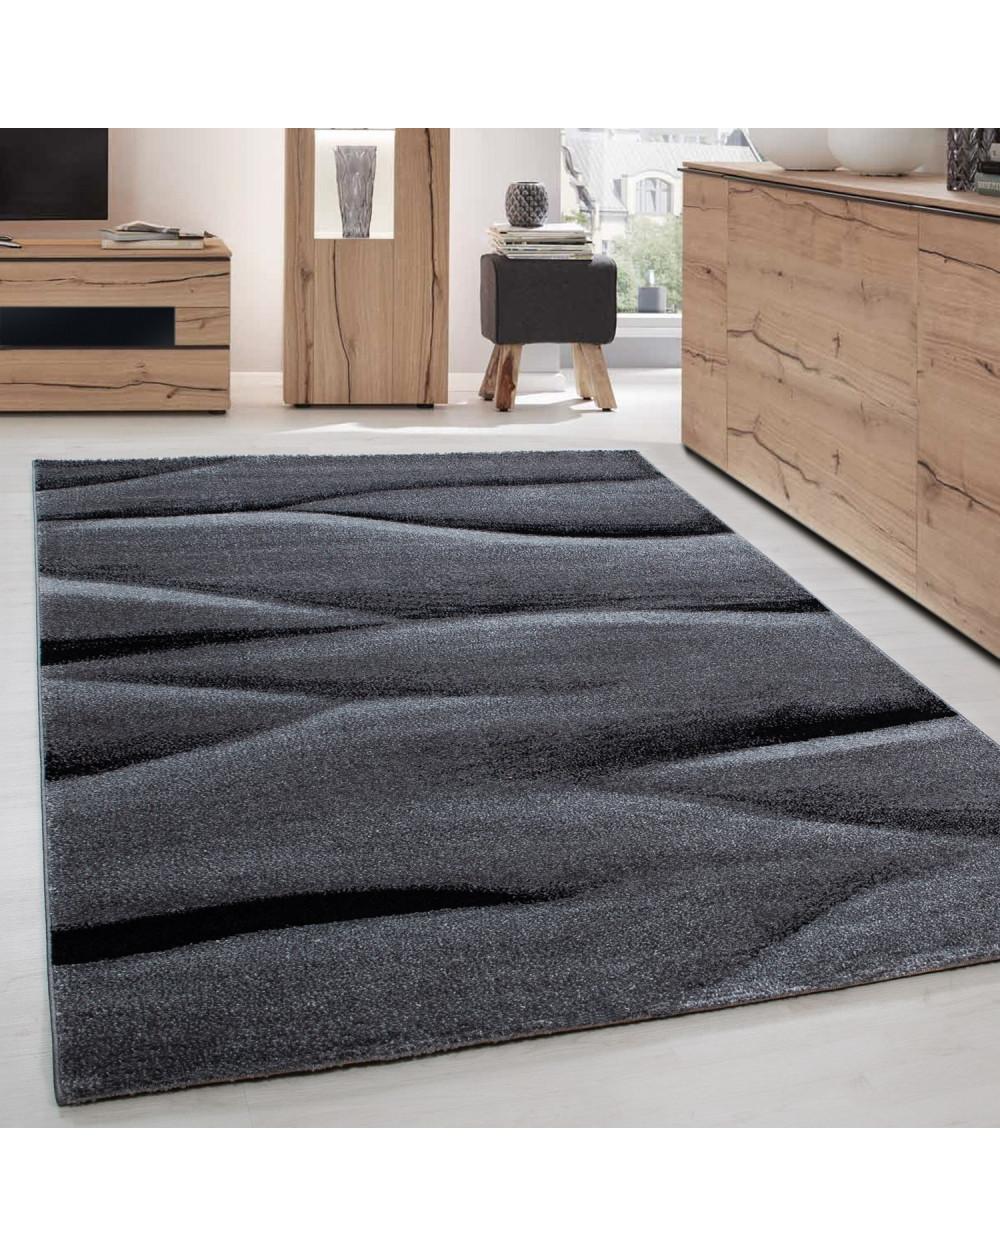 Teppich Modern Designer Wohnzimmer Abstrakt Wellen Muster Grau Schwarz  Größe 80x150 cm